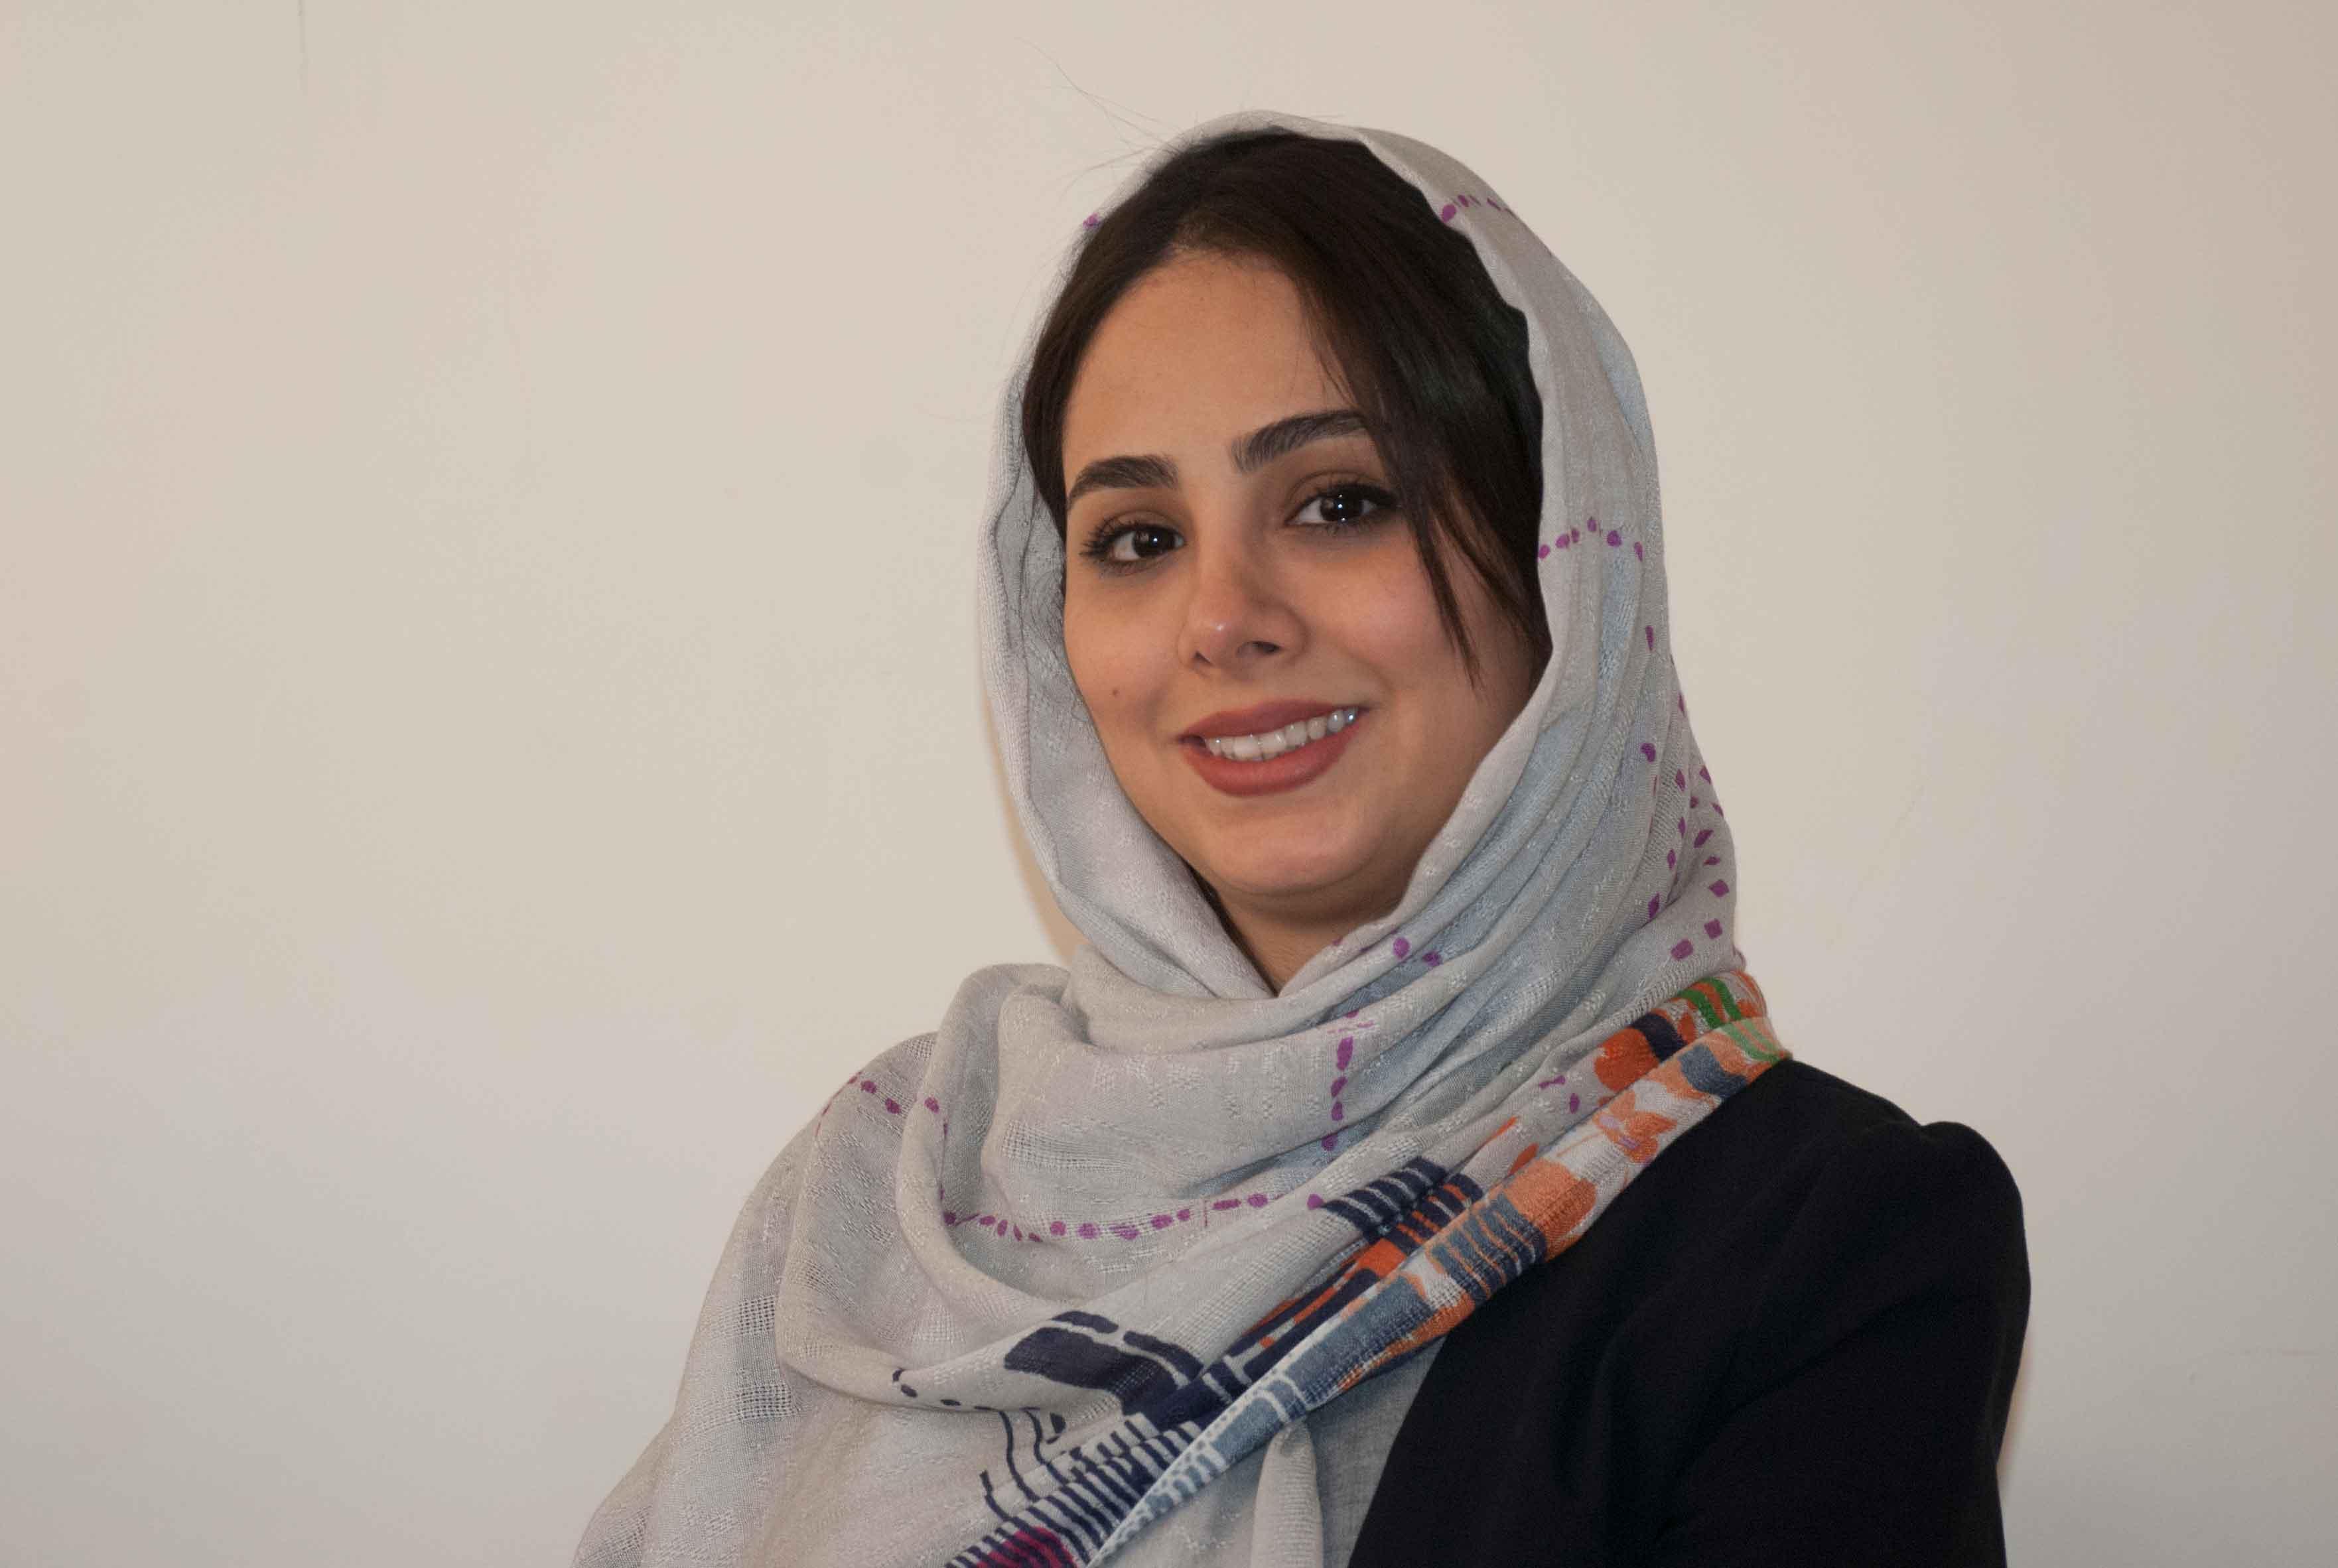 سارا شریفی - متخصص روانسنجی اکسیر